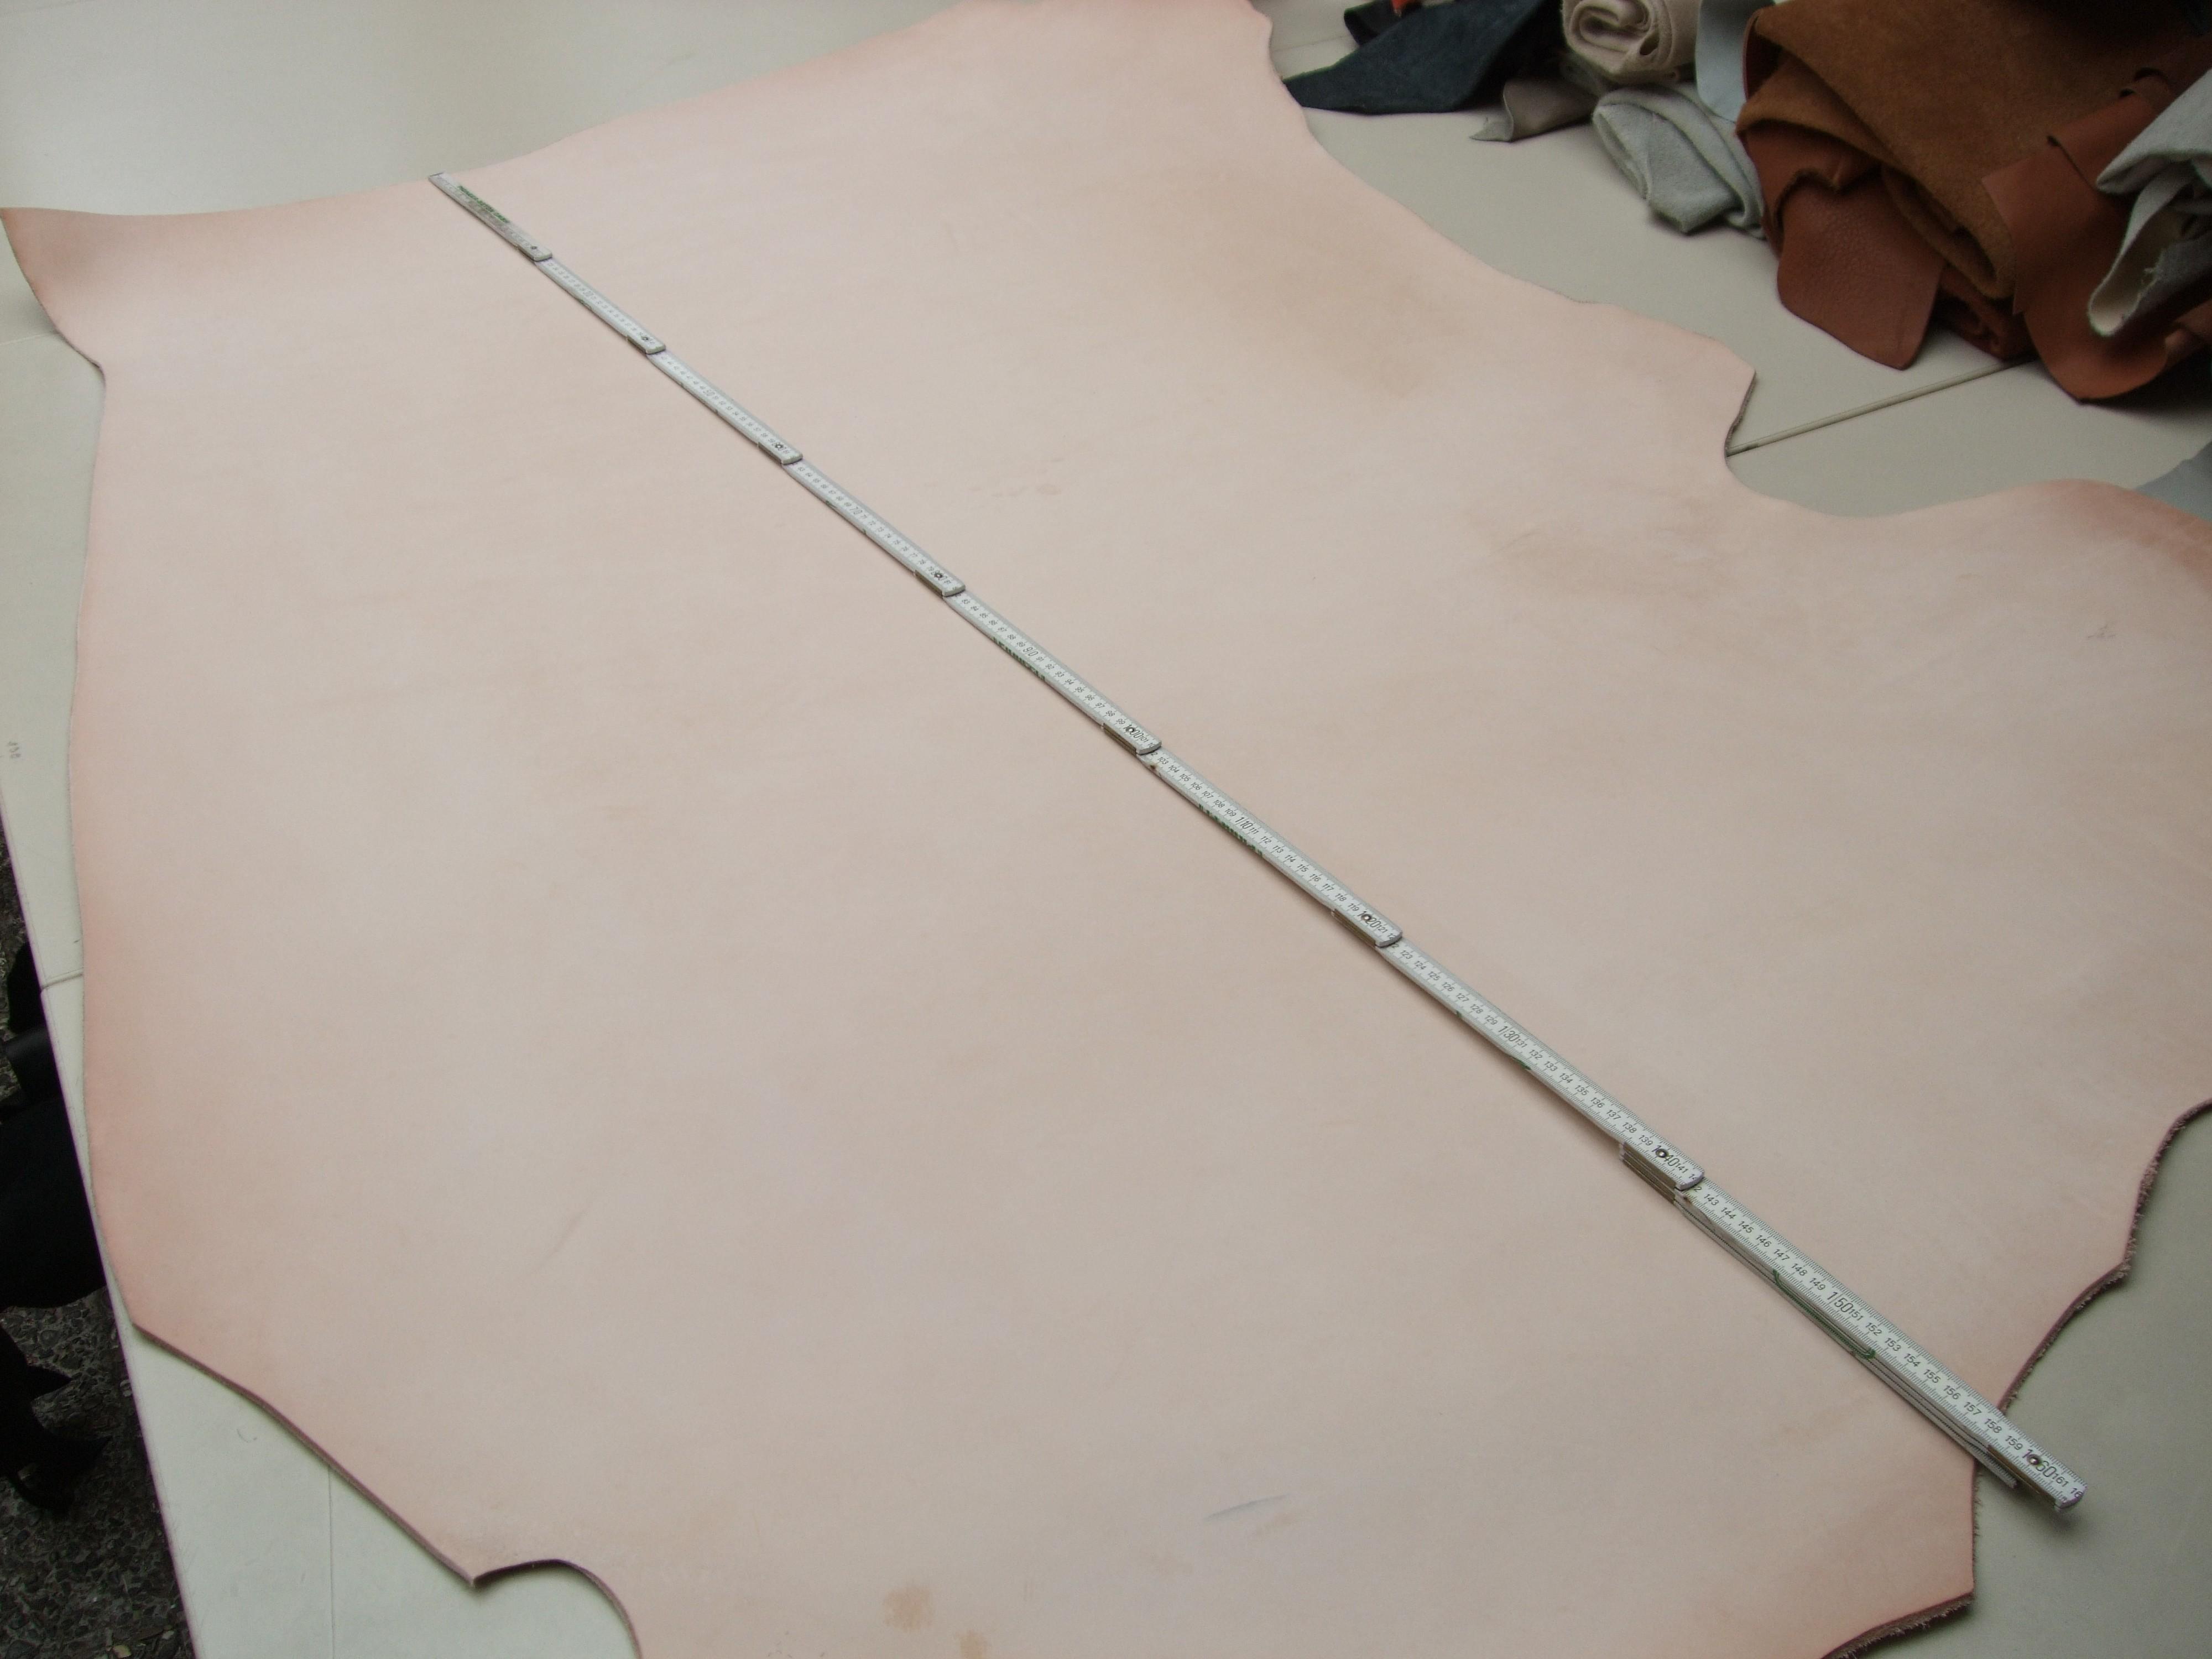 Culatten 1/4 Rinder 3,5 mm (SL1837)